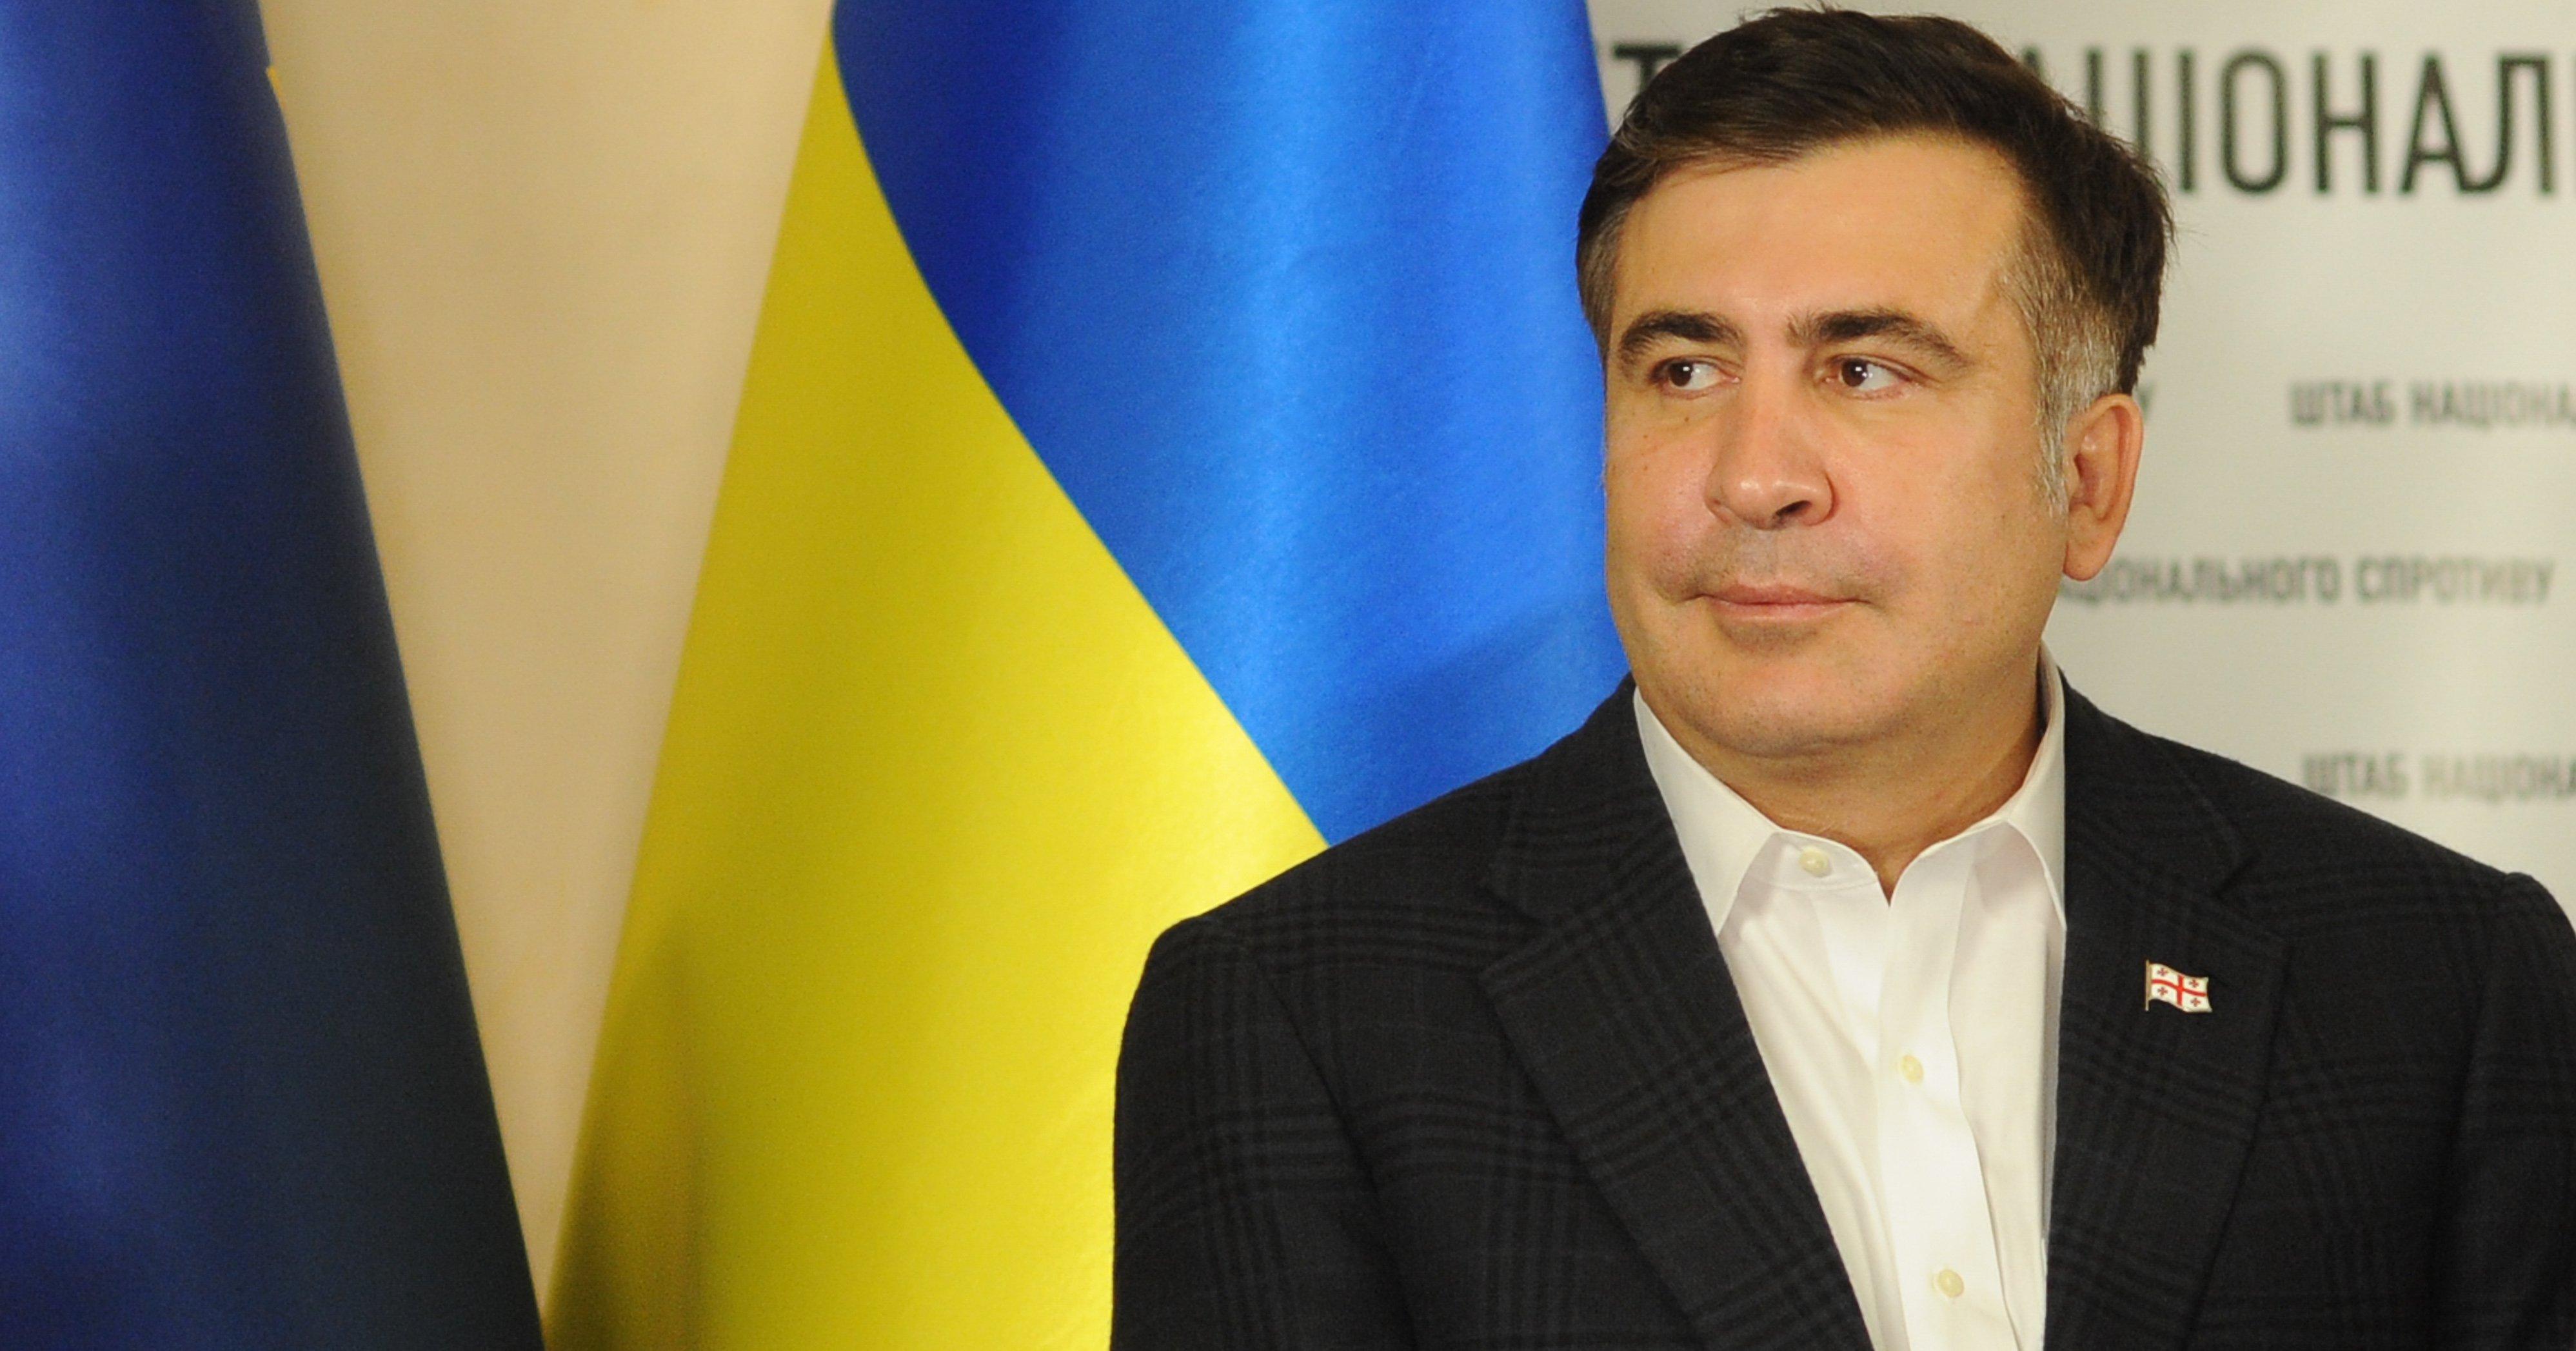 Саакашвілі позбавили українського громадянства через приховані факти у біографії - Геращенко